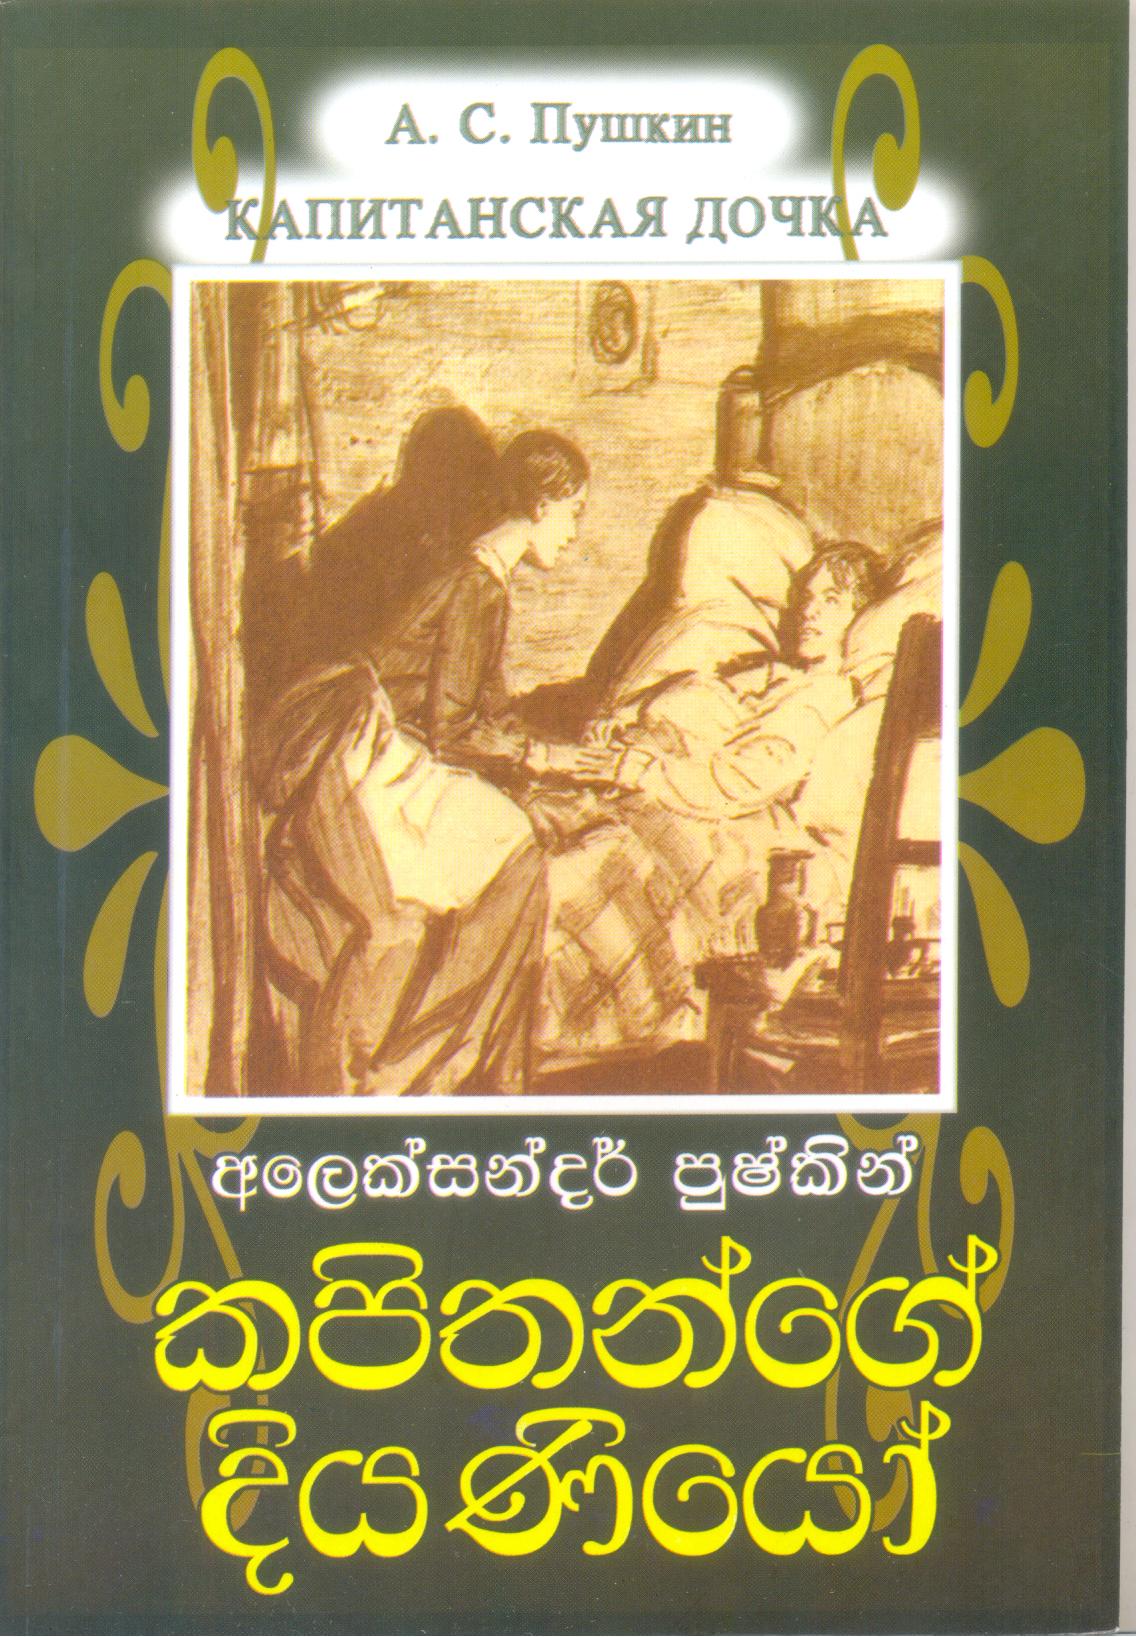 Kapithange Diyaniyo